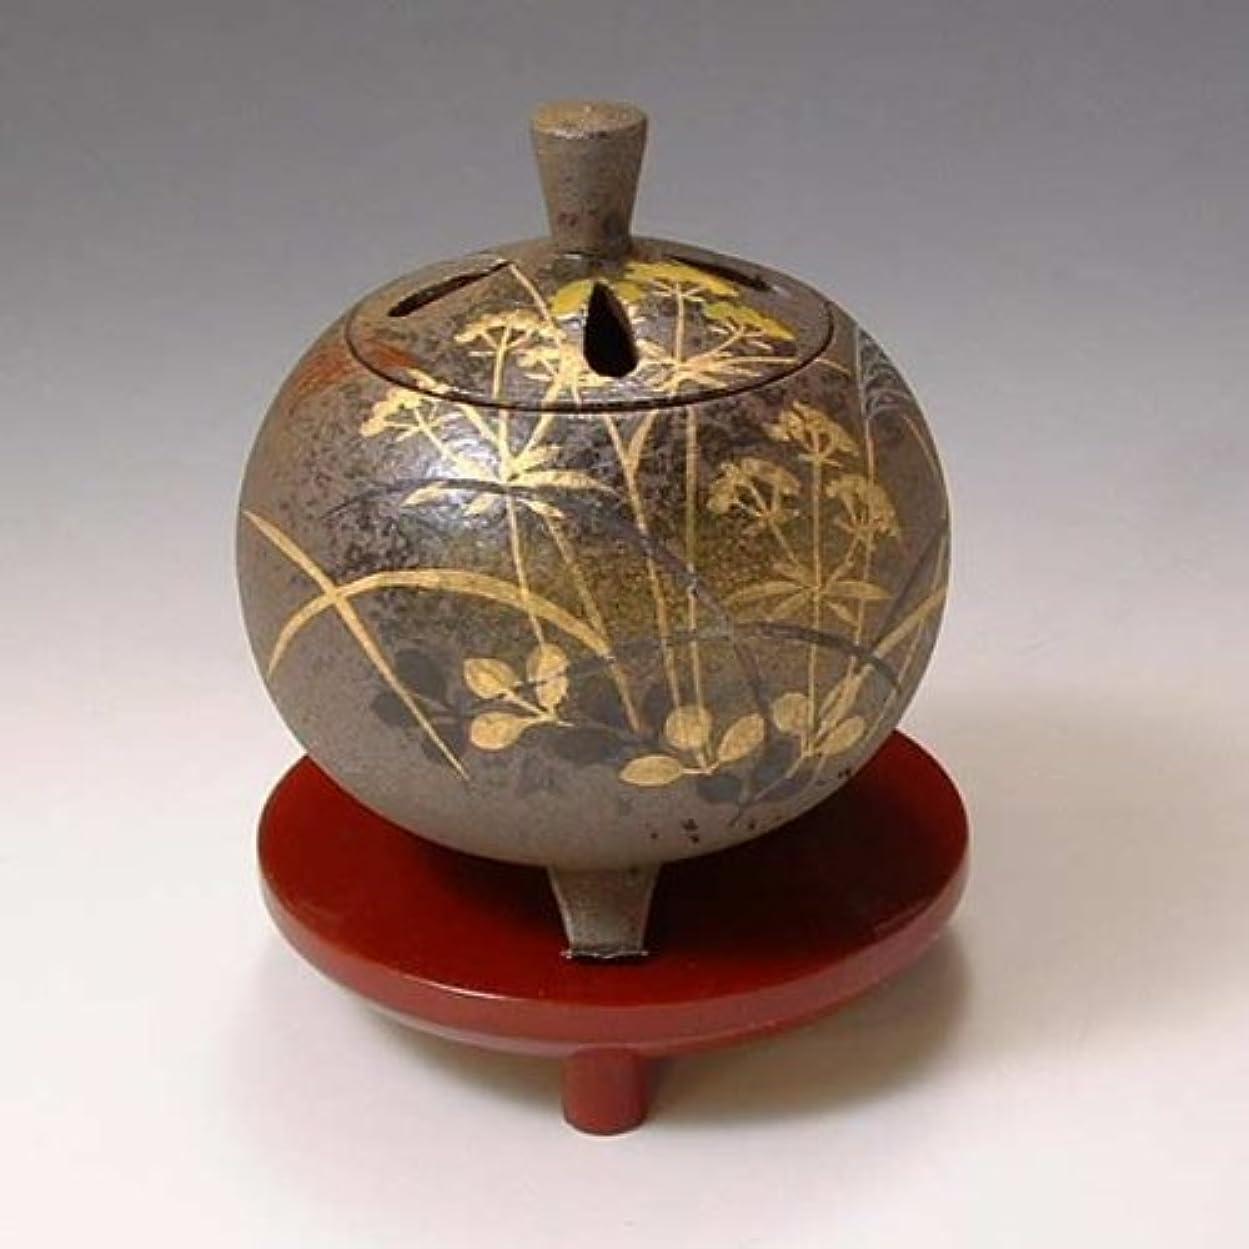 さまようマルコポーロムスタチオYXM164 清水焼 京焼 香炉(朱台付) ギフト 武蔵野 むさしの